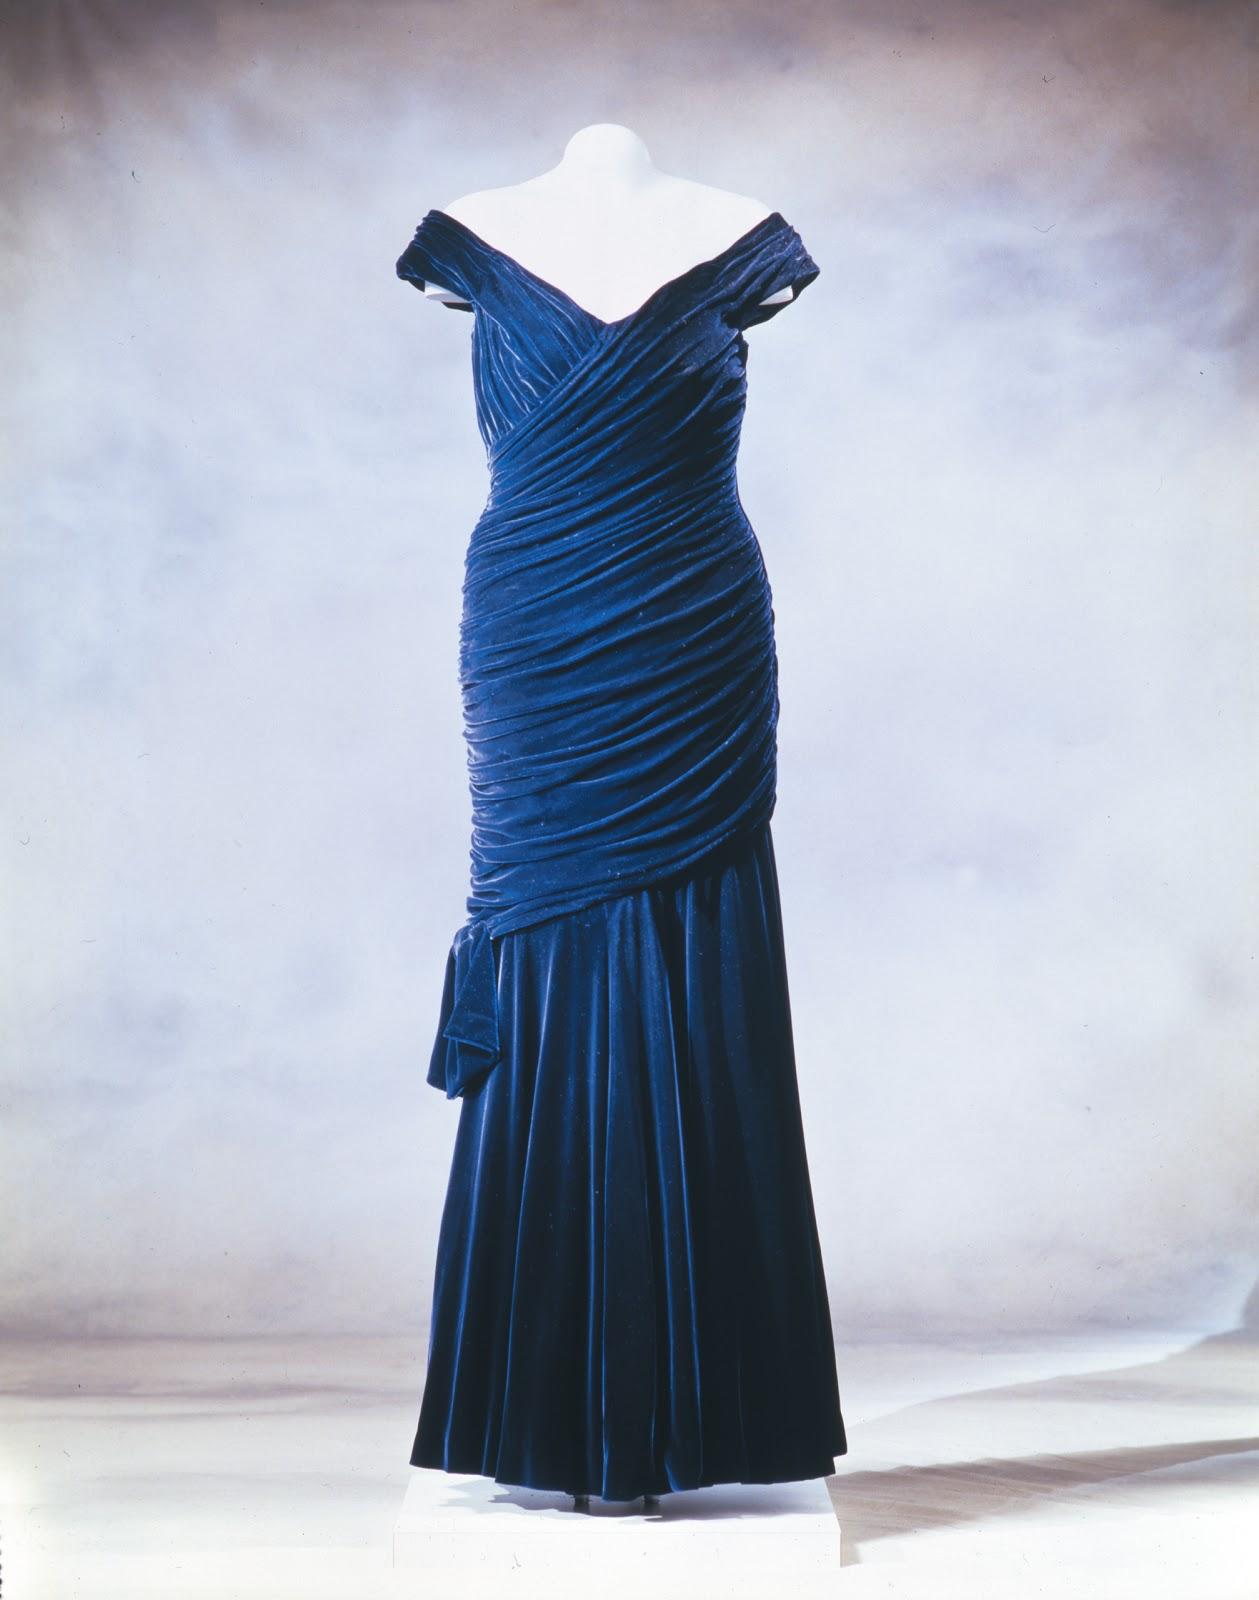 http://3.bp.blogspot.com/-iMJojc66KKY/T6AzfkIESLI/AAAAAAAABe8/mSKcg_EUsPI/s1600/Princess+Di%27s+blue+dress.jpg